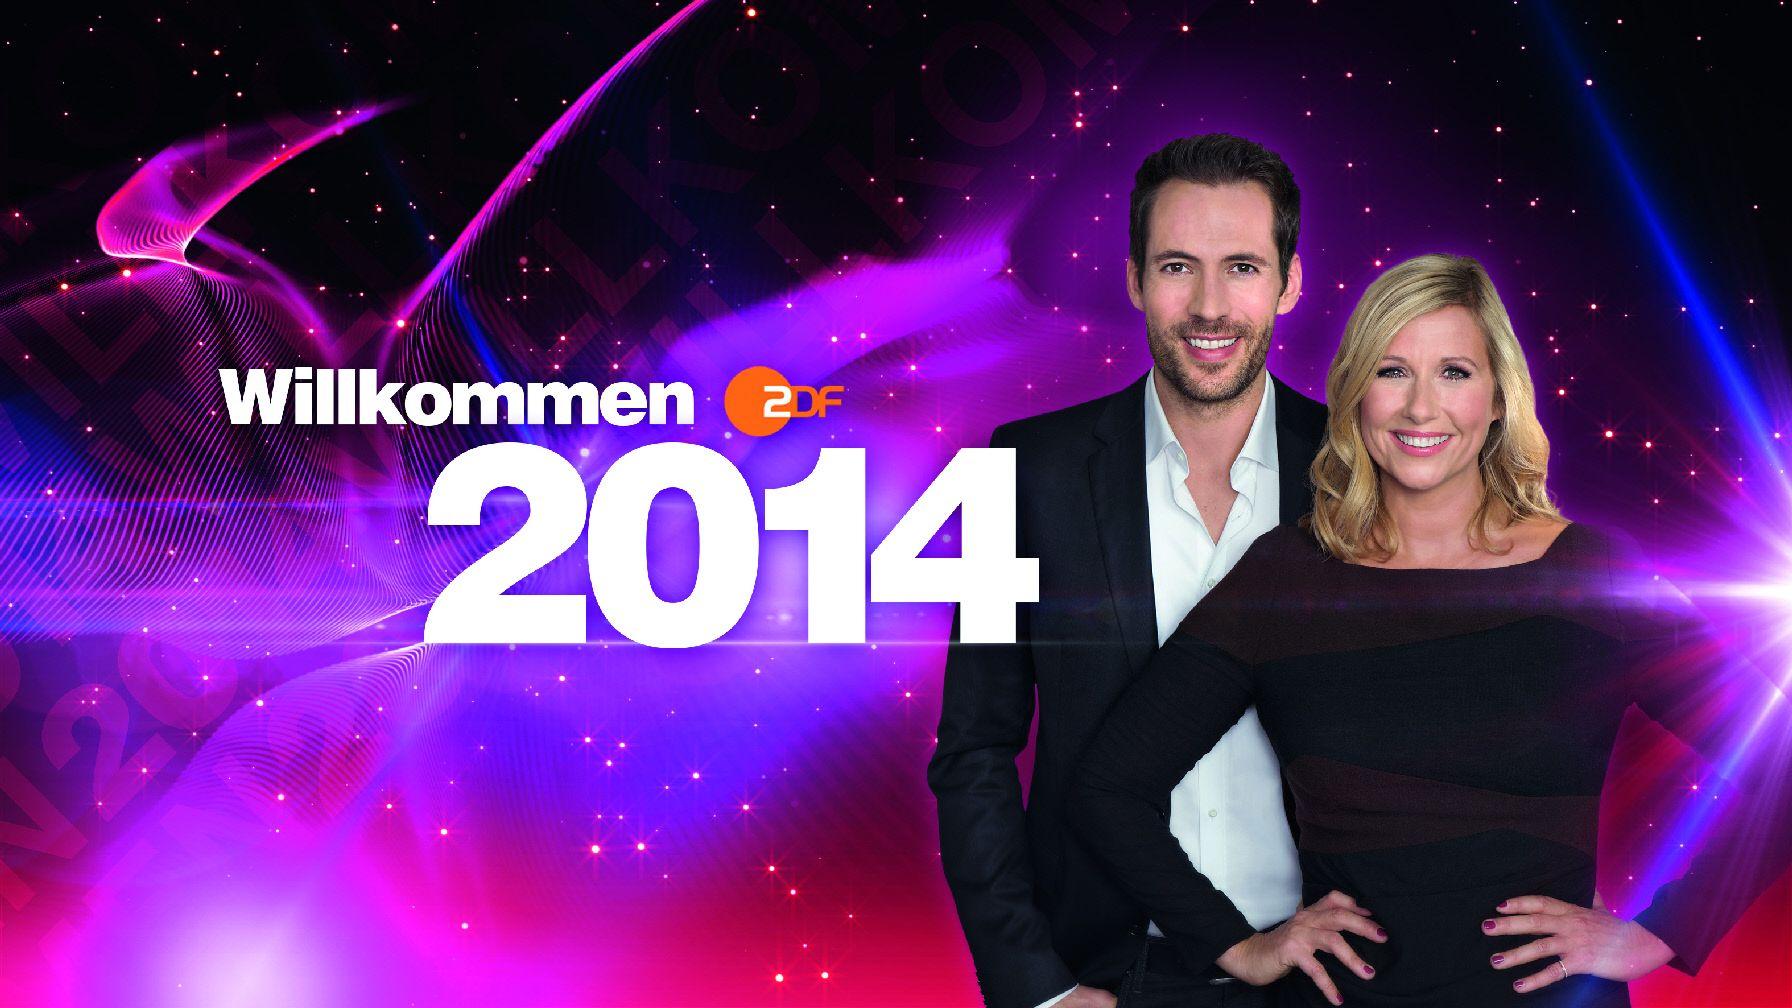 Willkommen 2014 Zdf Heute Abend Live Vom Brandenburger Tor Stars On Tv Zdf Heute Abendlied Und Star Wars